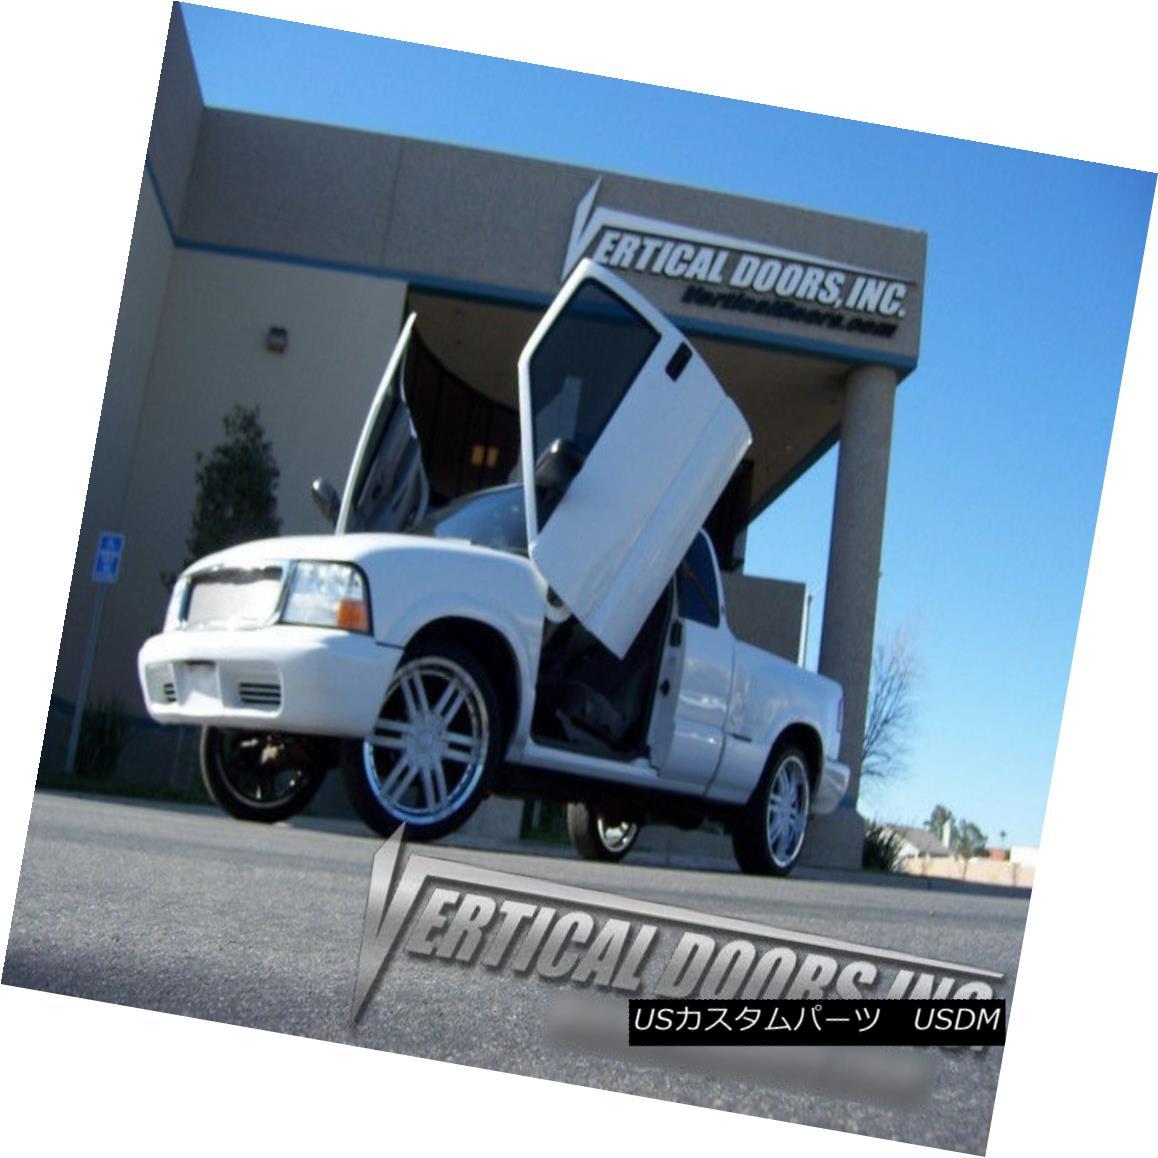 激安直営店 ガルウィングキット Gmc Sonoma 94-04 Lambo Door Kit Vertical Doors Inc New Gmc Sonoma 94-04 Lamboドアキット垂直ドアInc, 水着のハッピークローゼット 01004054